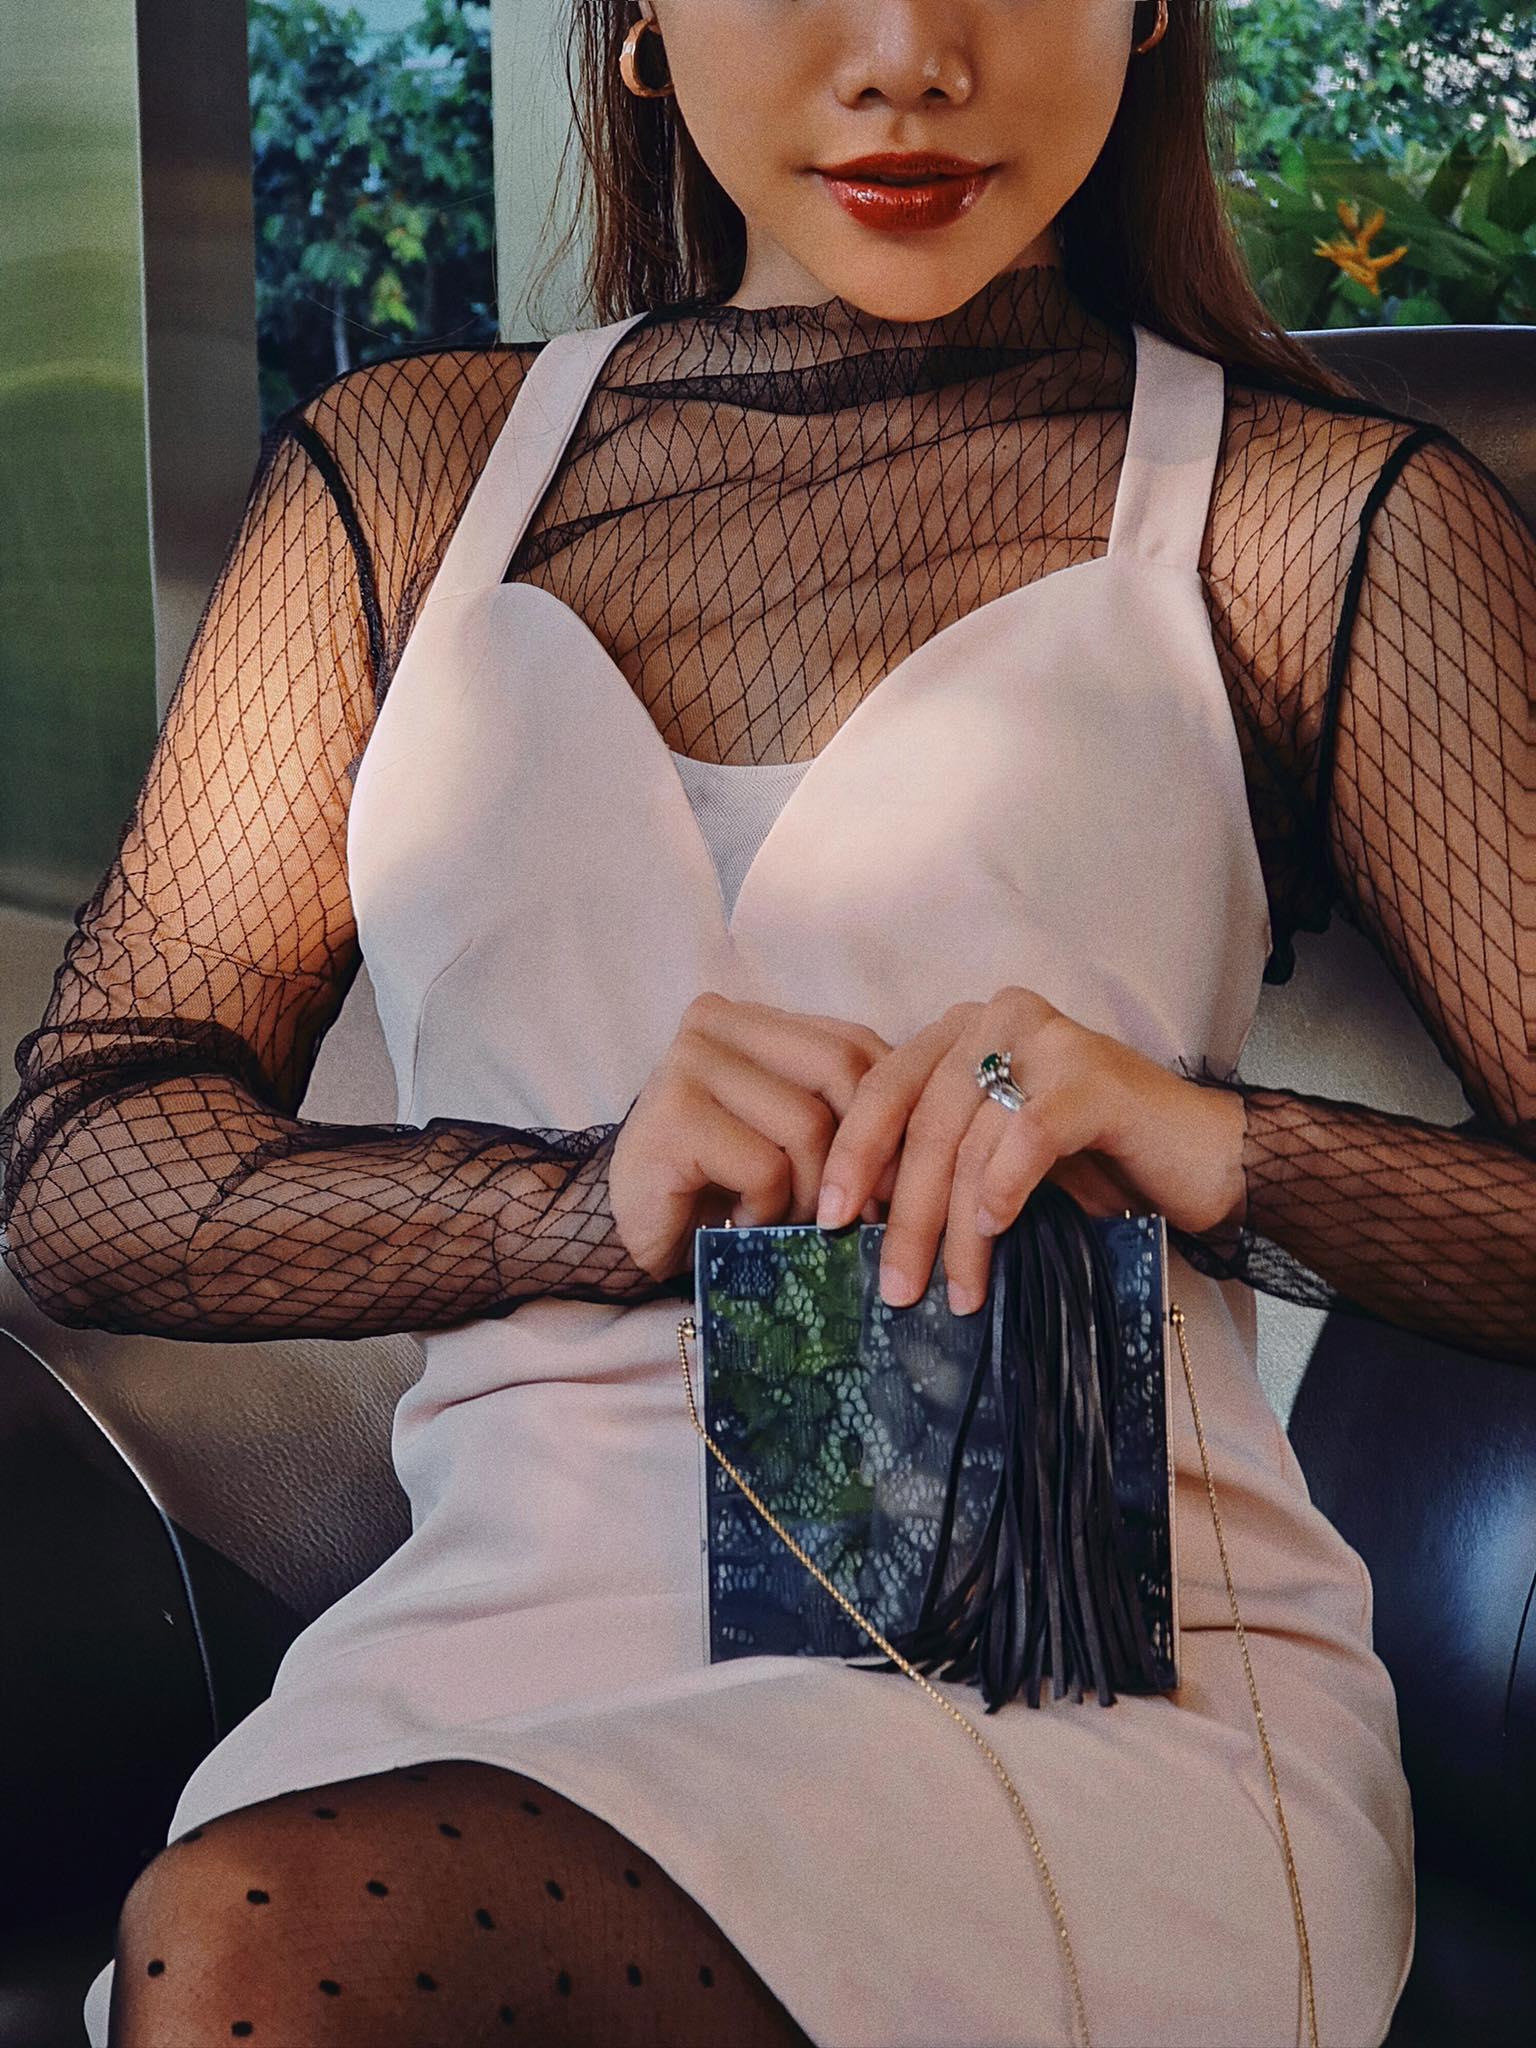 """Mix & Phối - Học Công nương Diana cách lên đồ với gam màu hồng để không bị chê là """"sến súa"""" - chanvaydep.net 3"""